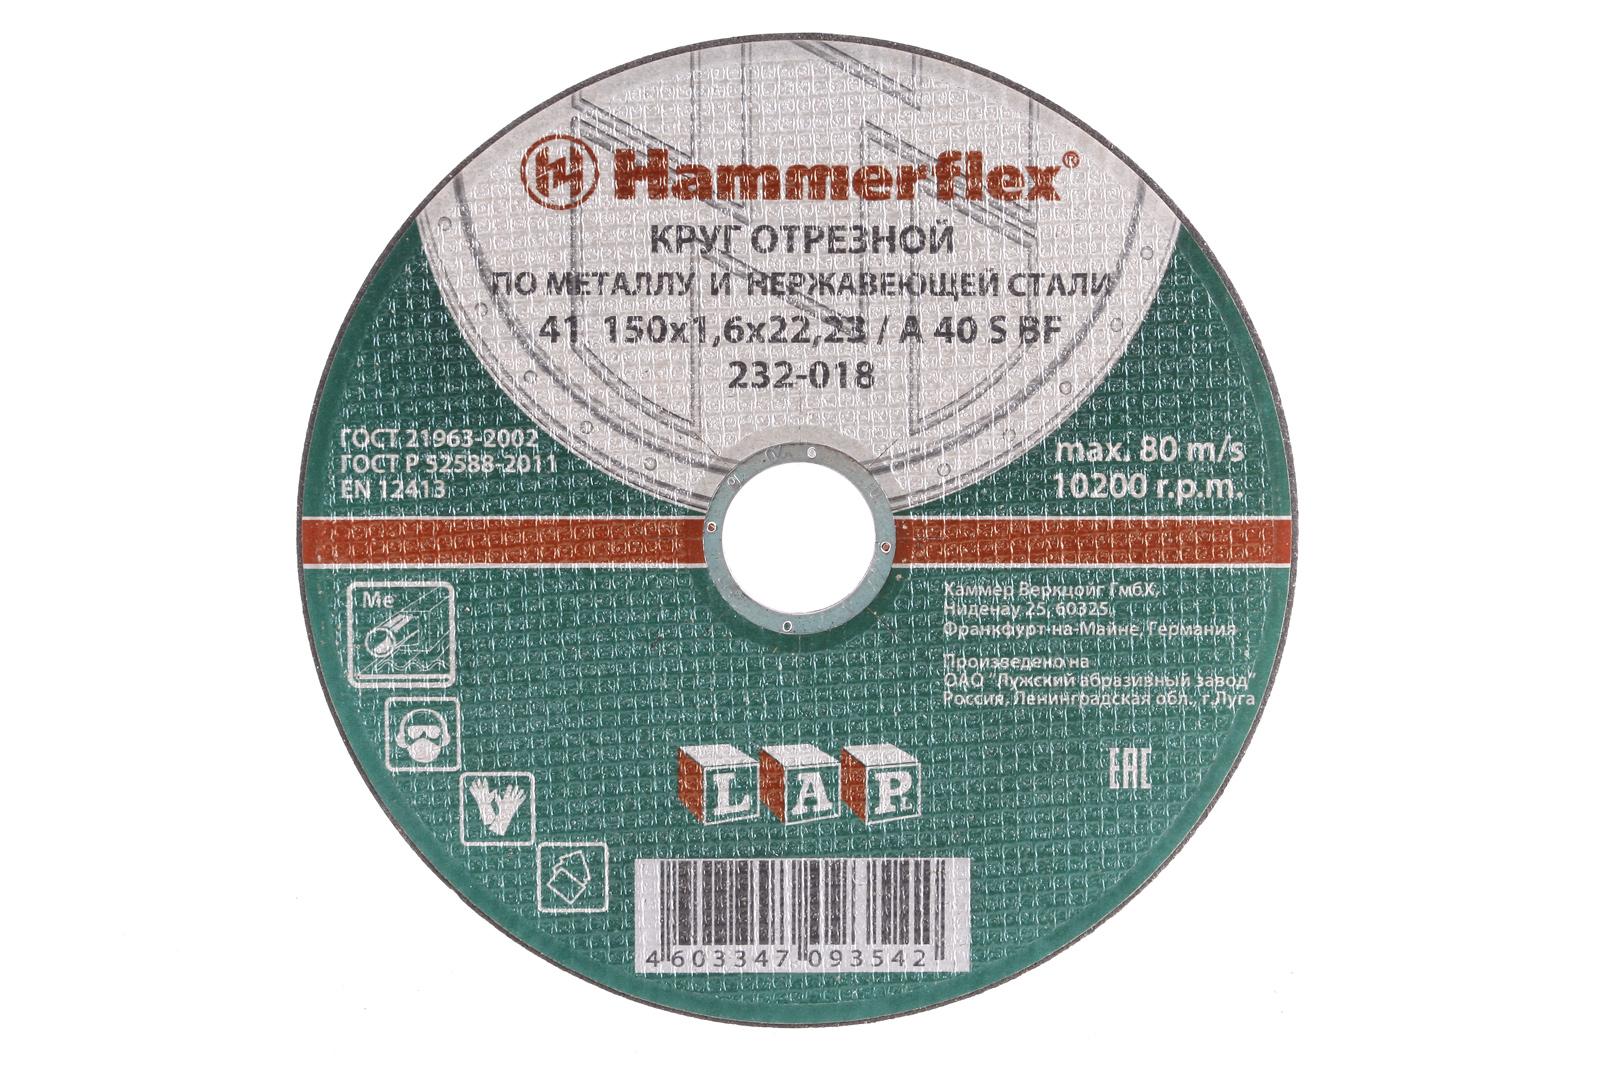 Круг отрезной Hammer 150 x 1.6 x 22 по металлу и нерж.стали Коробка (200шт.) круг отрезной hammer flex 115 x 1 6 x 22 по металлу и нержавеющей стали 25шт